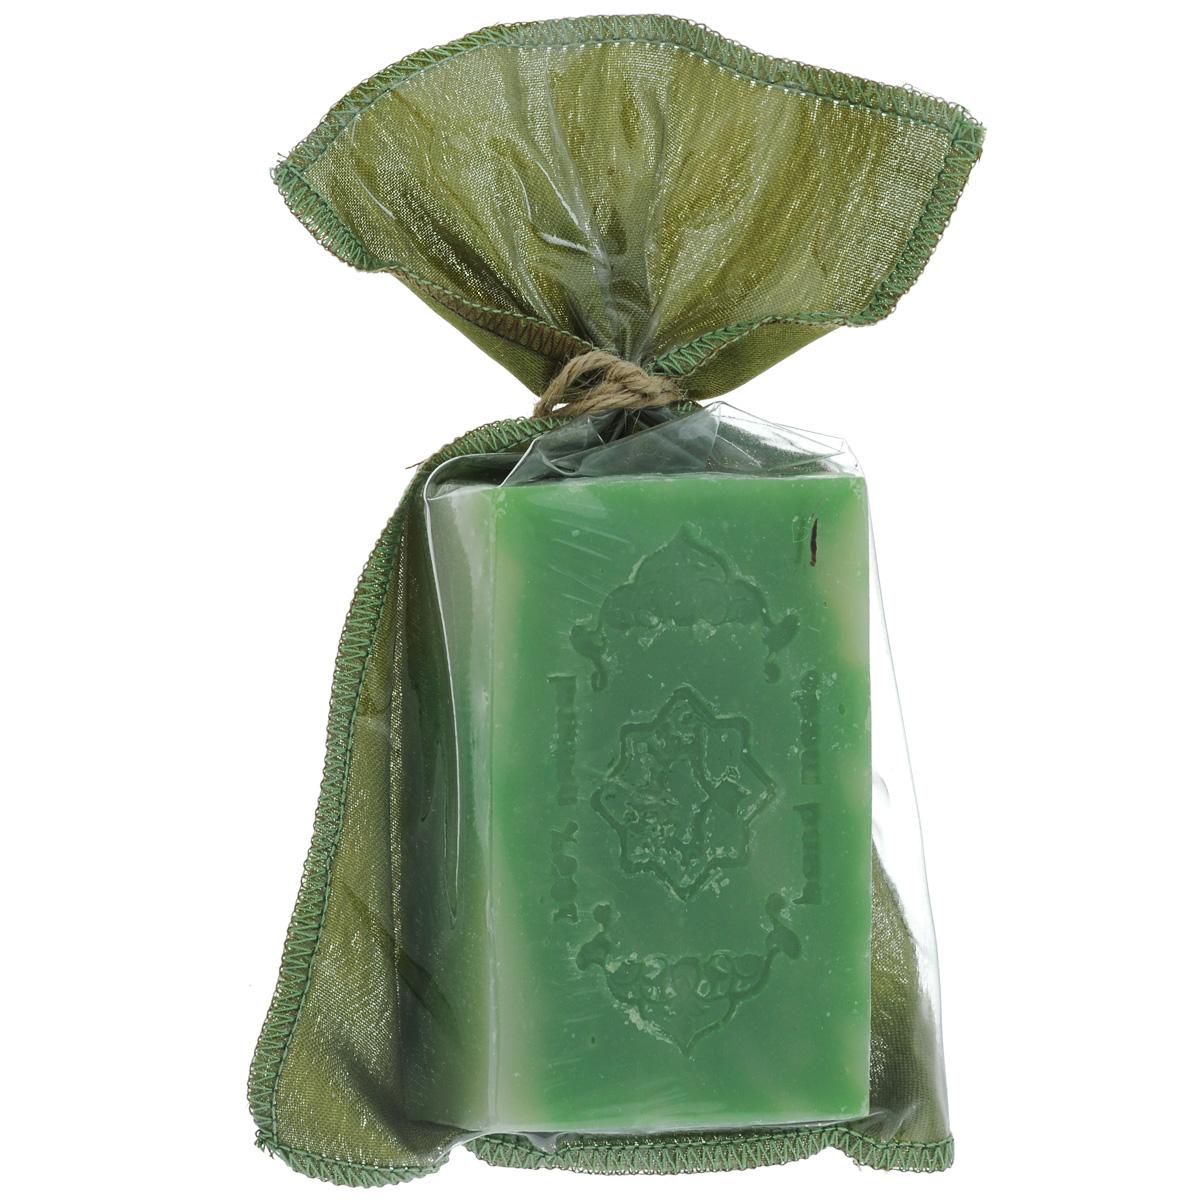 Зейтун Мыло Экстра №3 Зелёный мрамор, 150 гCF5512F4Отличное увлажняющее универсальное натуральное мыло для всех типов кожи. Отличается очень богатым составом ценных масел: маковое масло делает кожу мягкой, насыщает её влагой и стимулирует процессы регенерации; абрикосовое масло тонизирует кожу, делает её более упругой, придавая здоровый цвет и блеск.